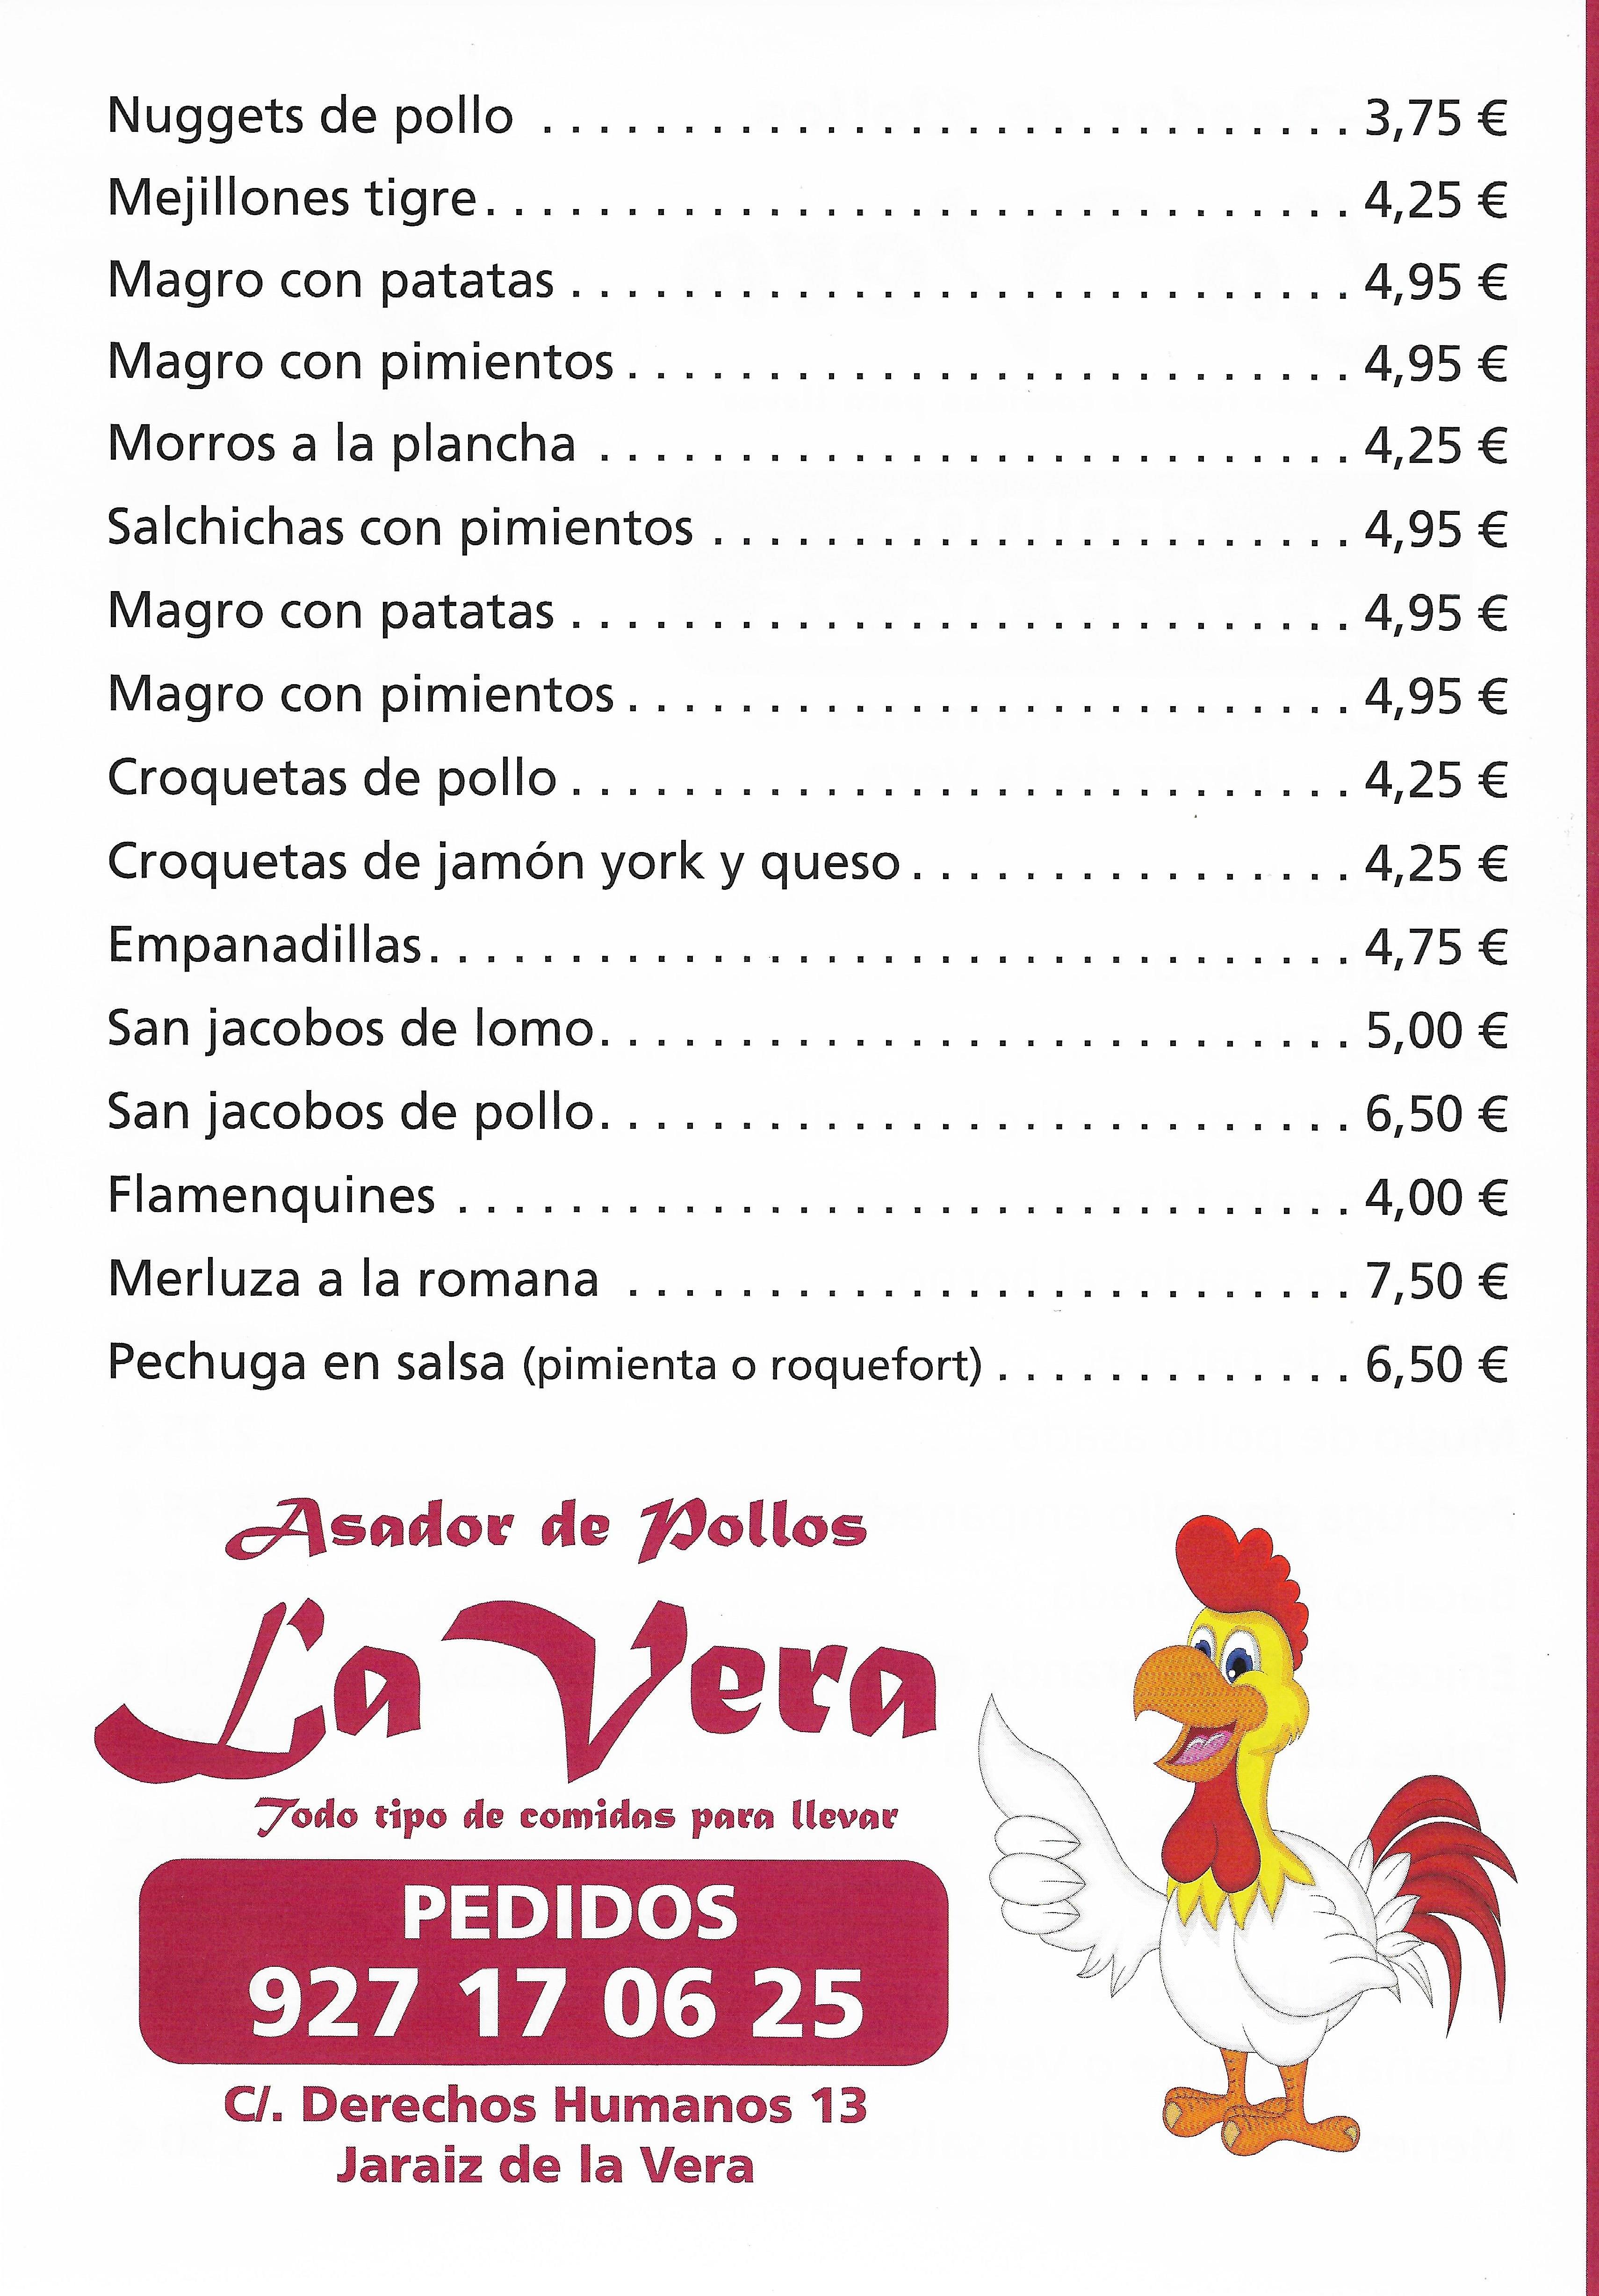 España Comida para llevar en la vera Pollos Vera Jaraiz